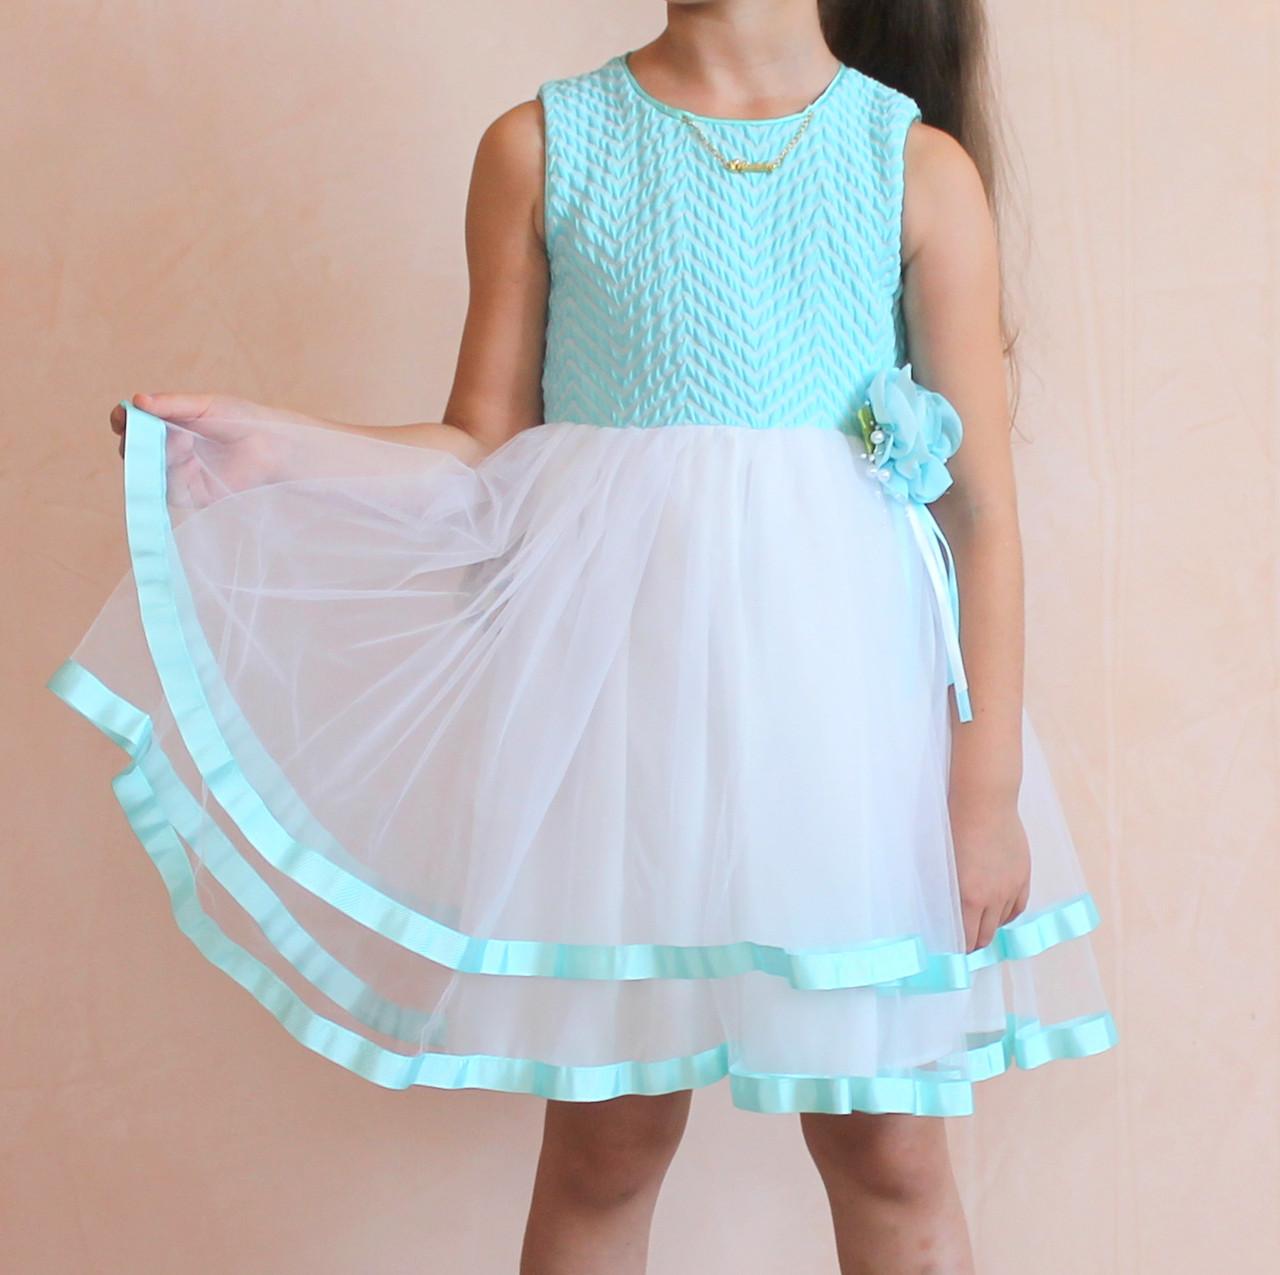 dbb29163c72 Детское нарядное платье для девочки Фатином размер 5-6-7-8 лет -